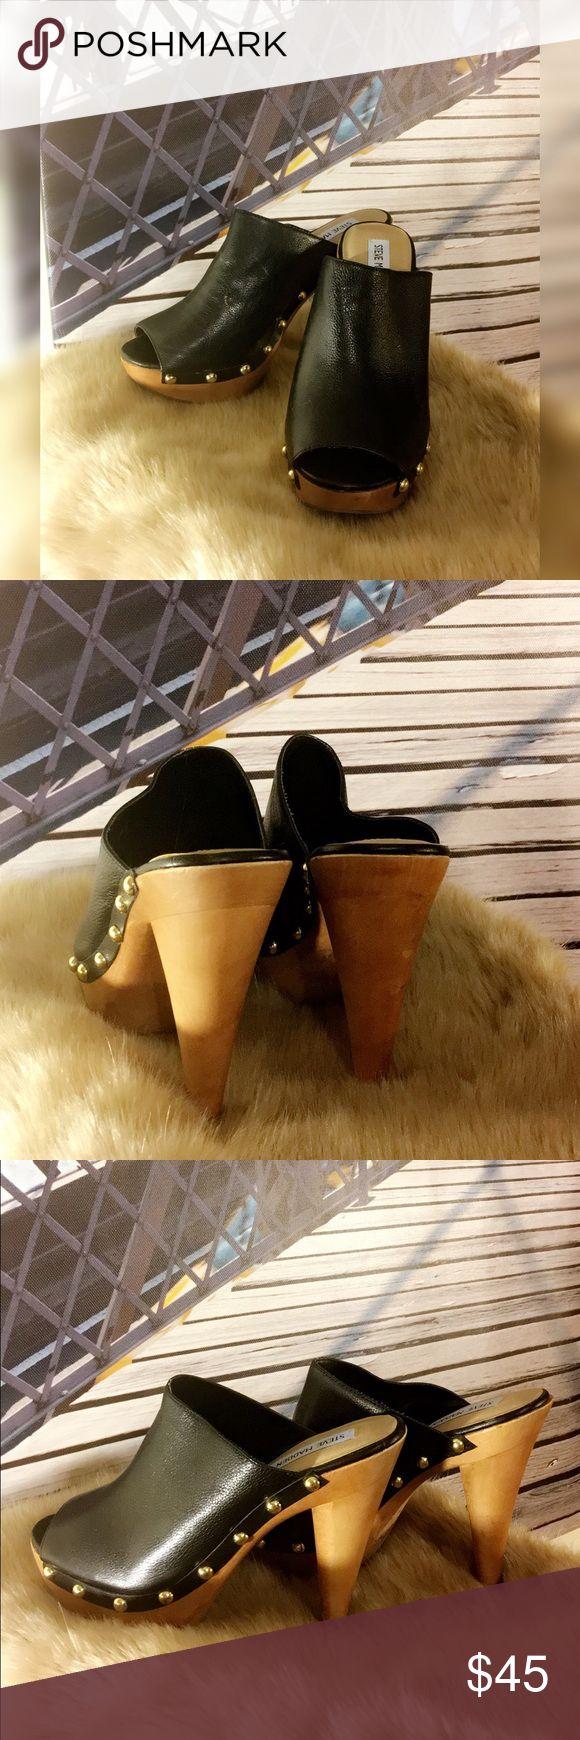 Steve Madden Heeled Clogs (make an offer) Beautiful high heeled studded clogs Steve Madden Shoes Heels